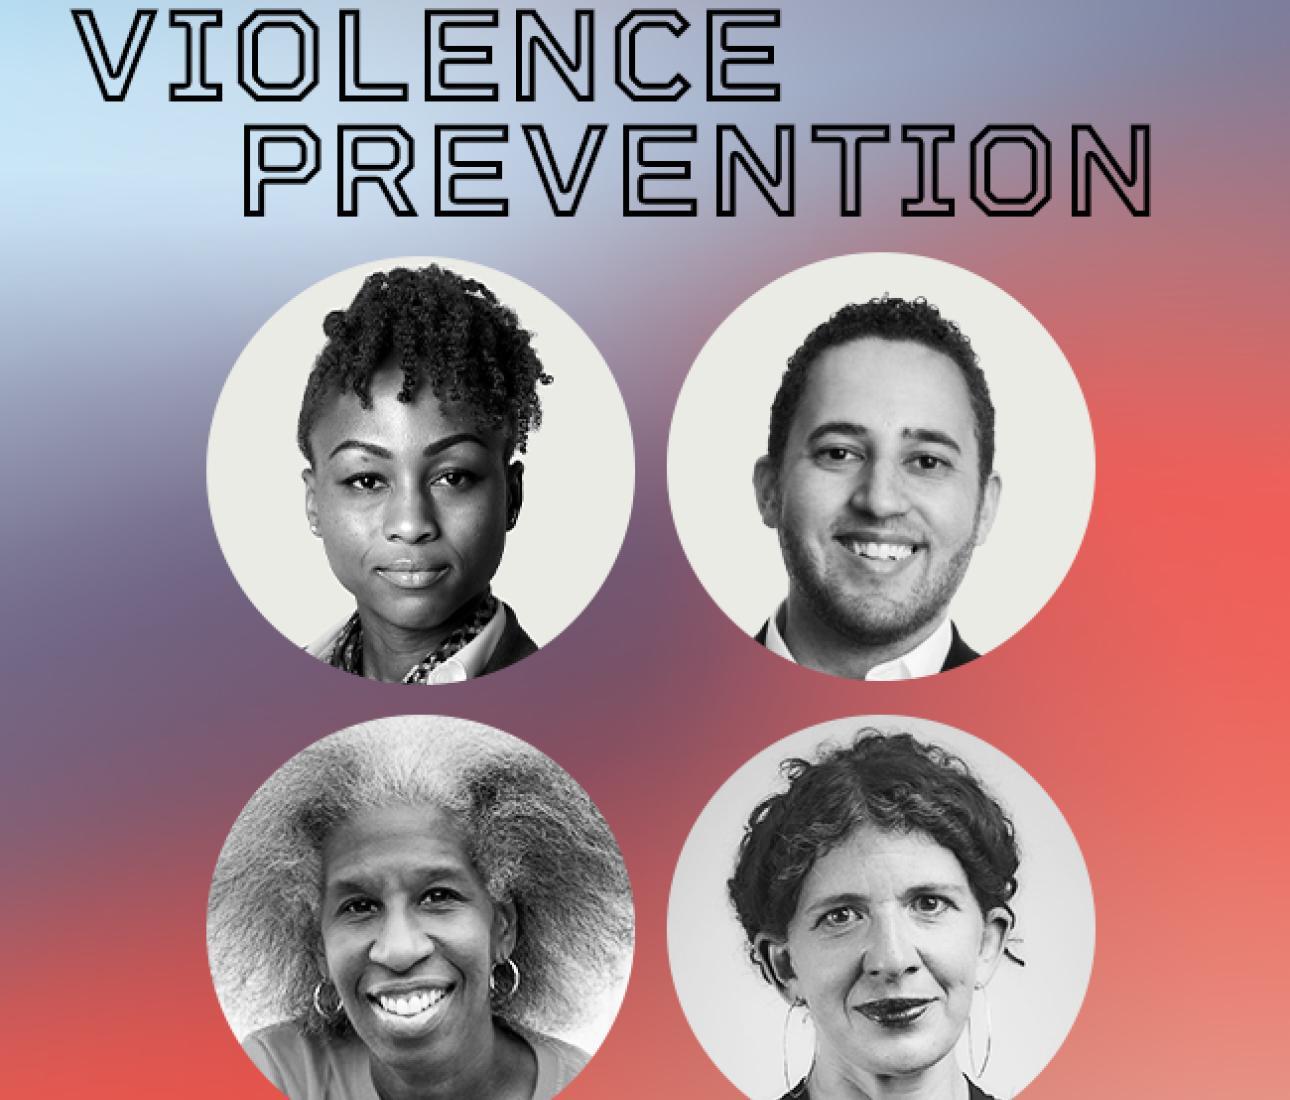 경찰의 대안 구상 : 폭력 예방